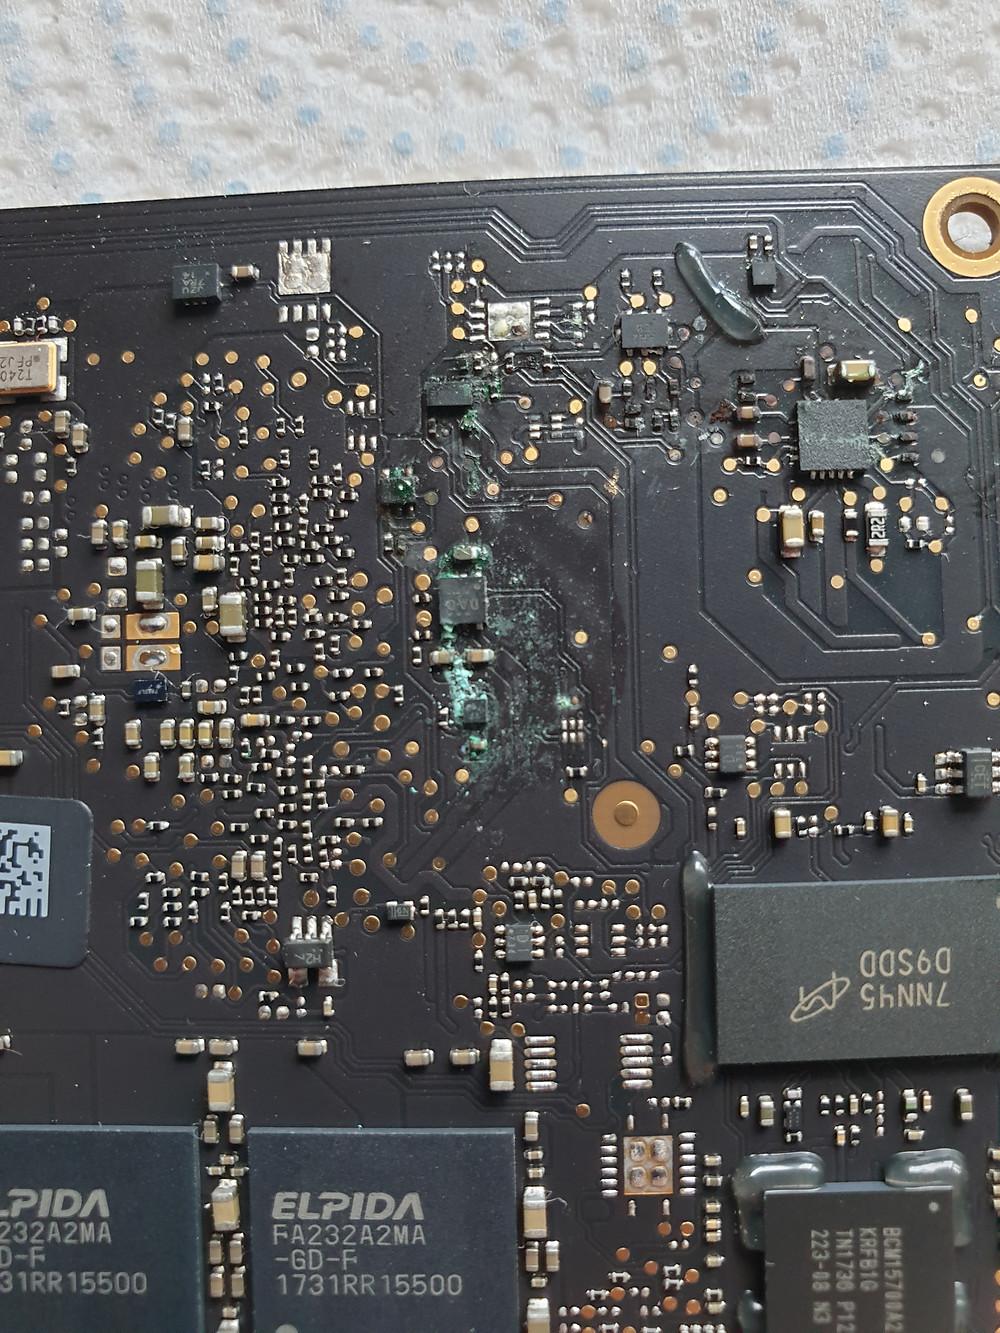 Mac book air main board corrosion